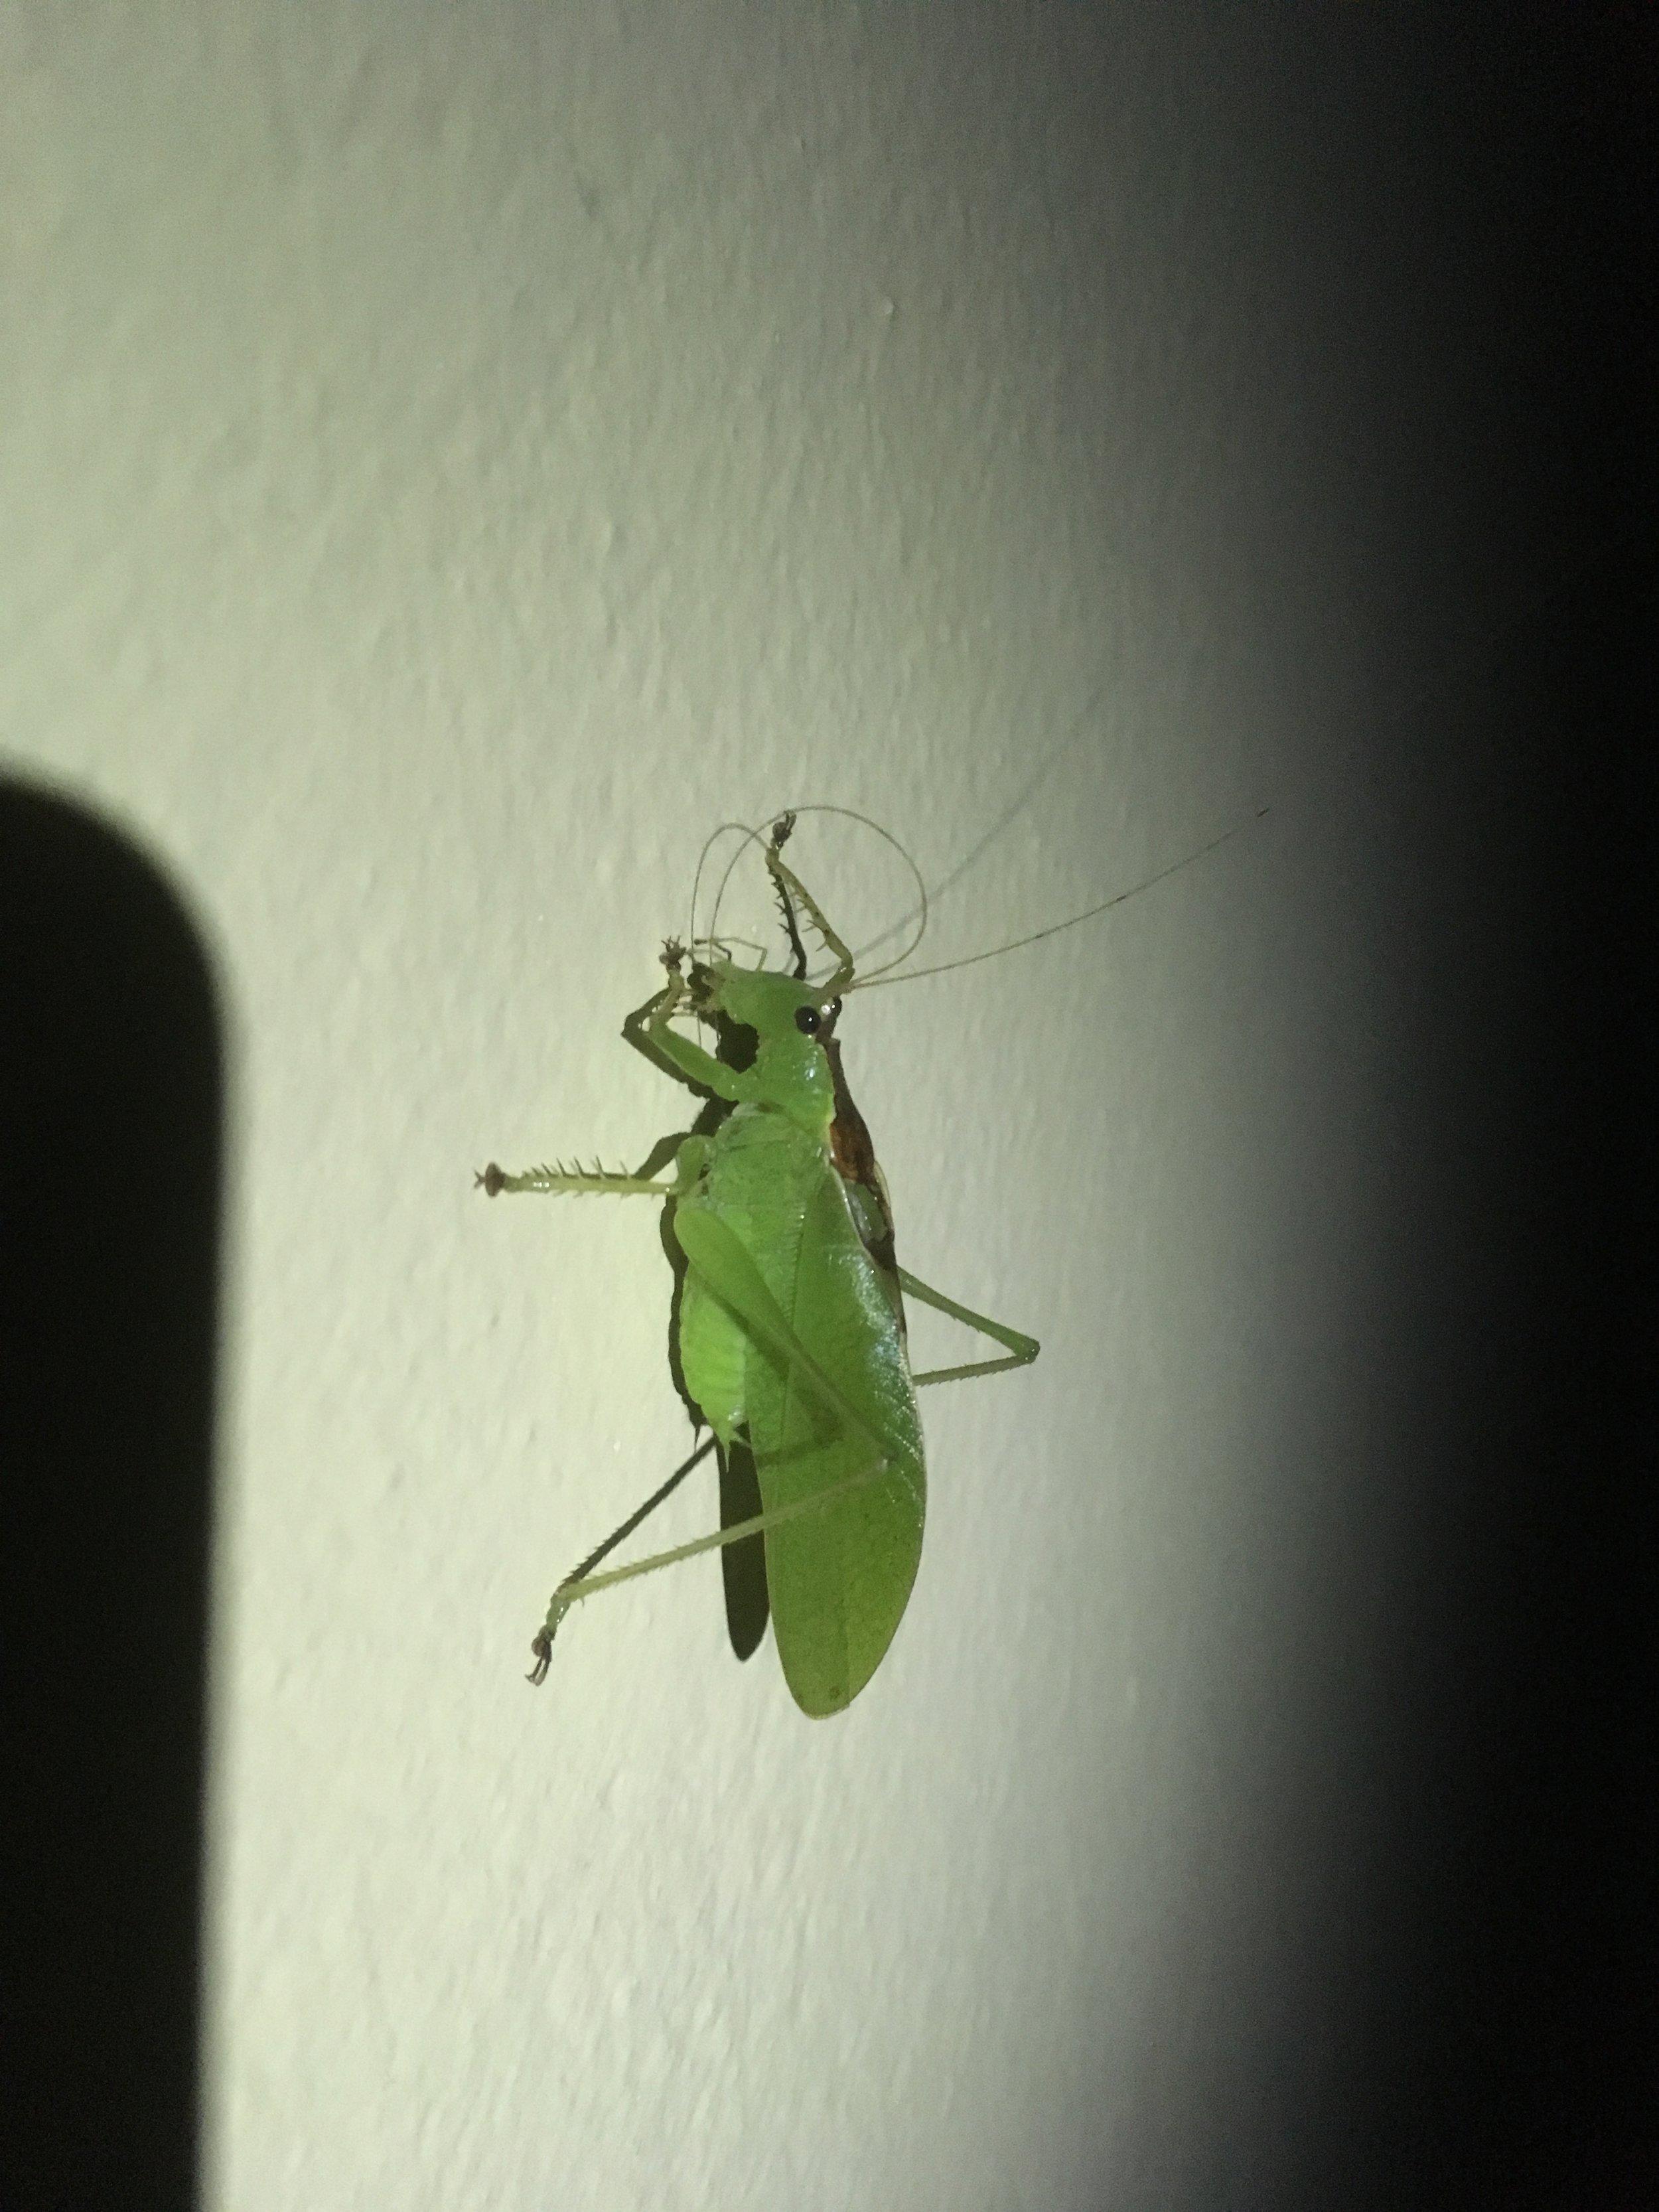 One mega grasshopper